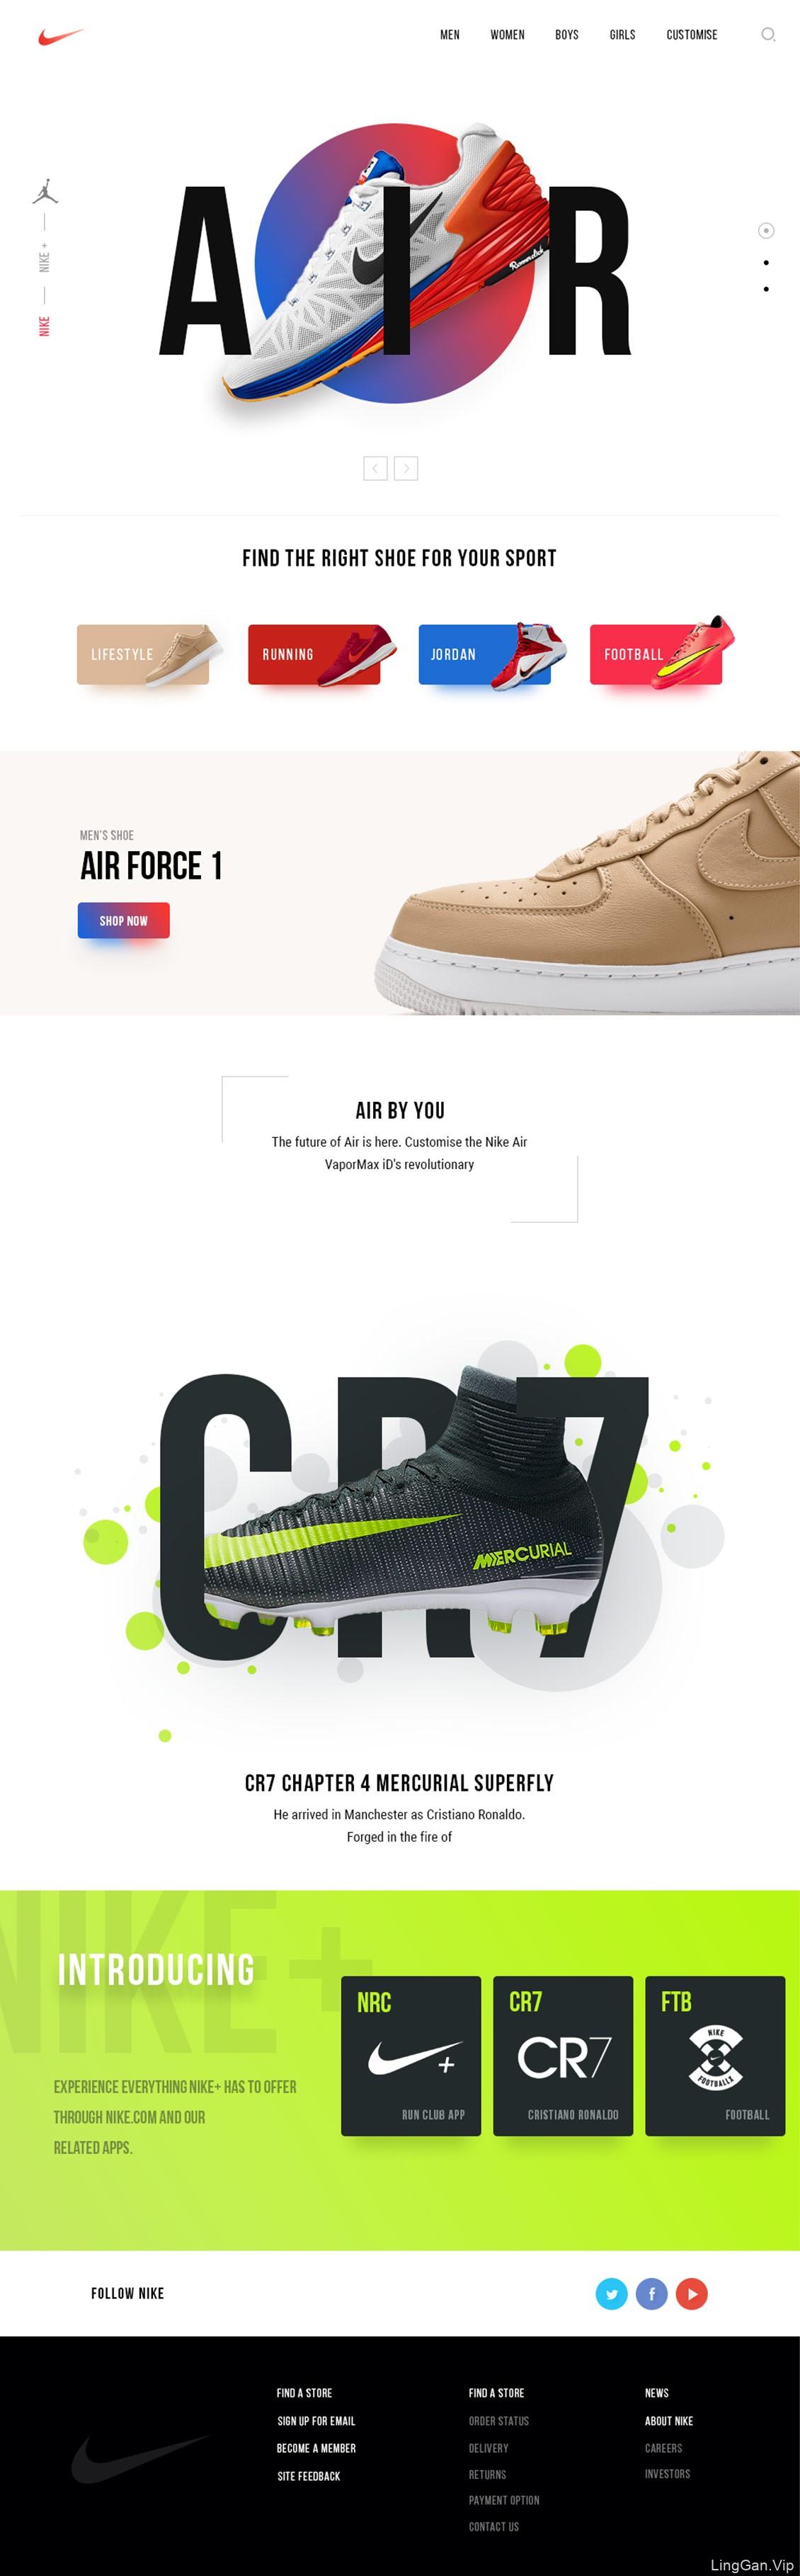 Nike运动鞋网页界面设计